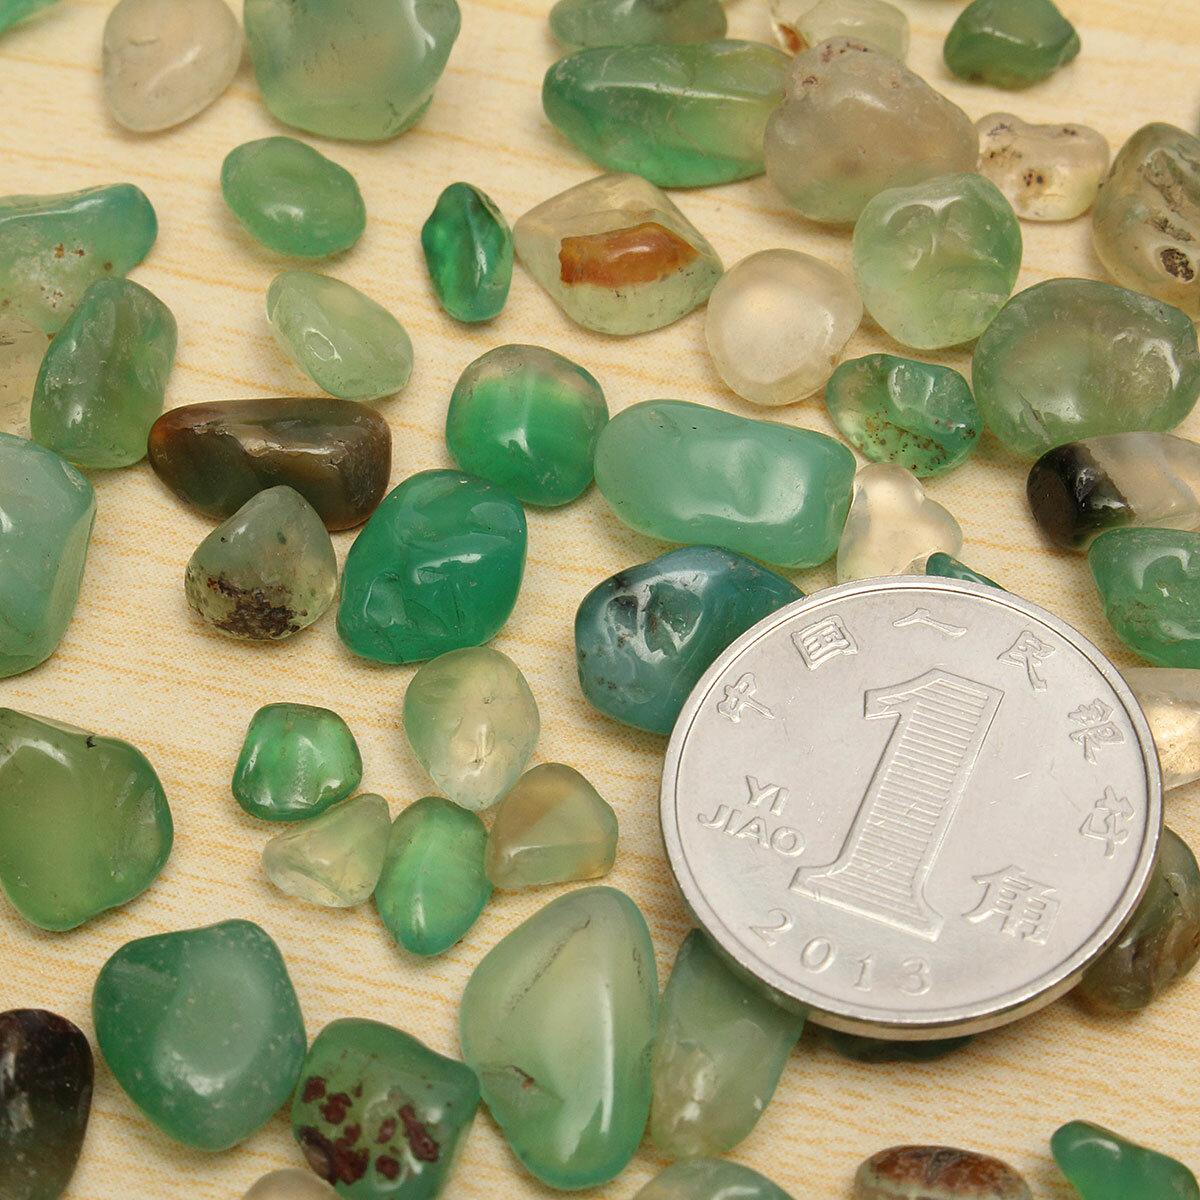 губы выглядывают фото природных камней с их названиями своим целительным